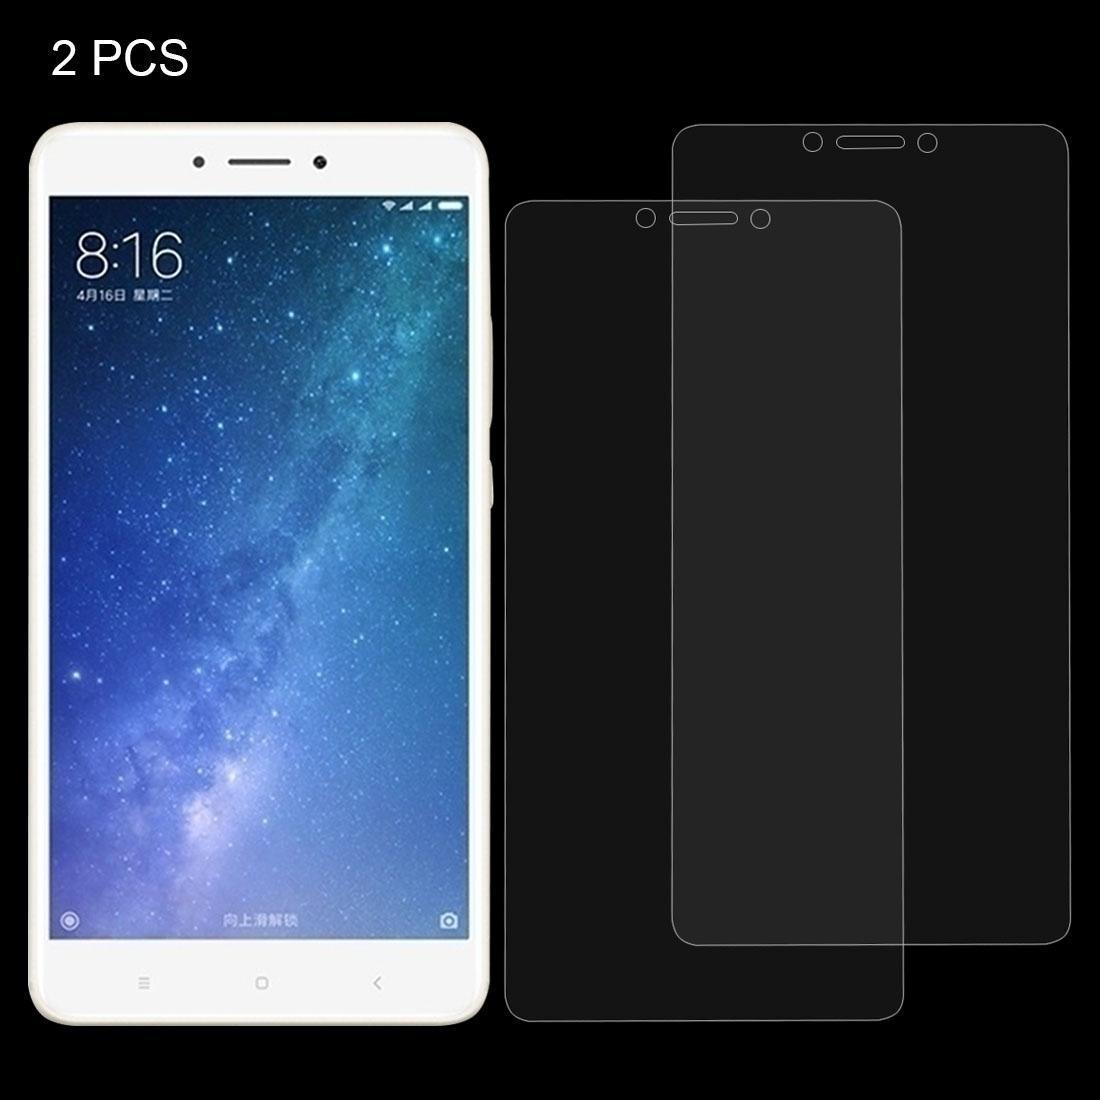 2 PCS für Xiaomi Mi Max 2 0.3mm 9H Oberflächenhärte 2.5D Explosionsgeschützte Nicht-Vollbildschirm-ausgeglichenen Glas-Schirm-Film